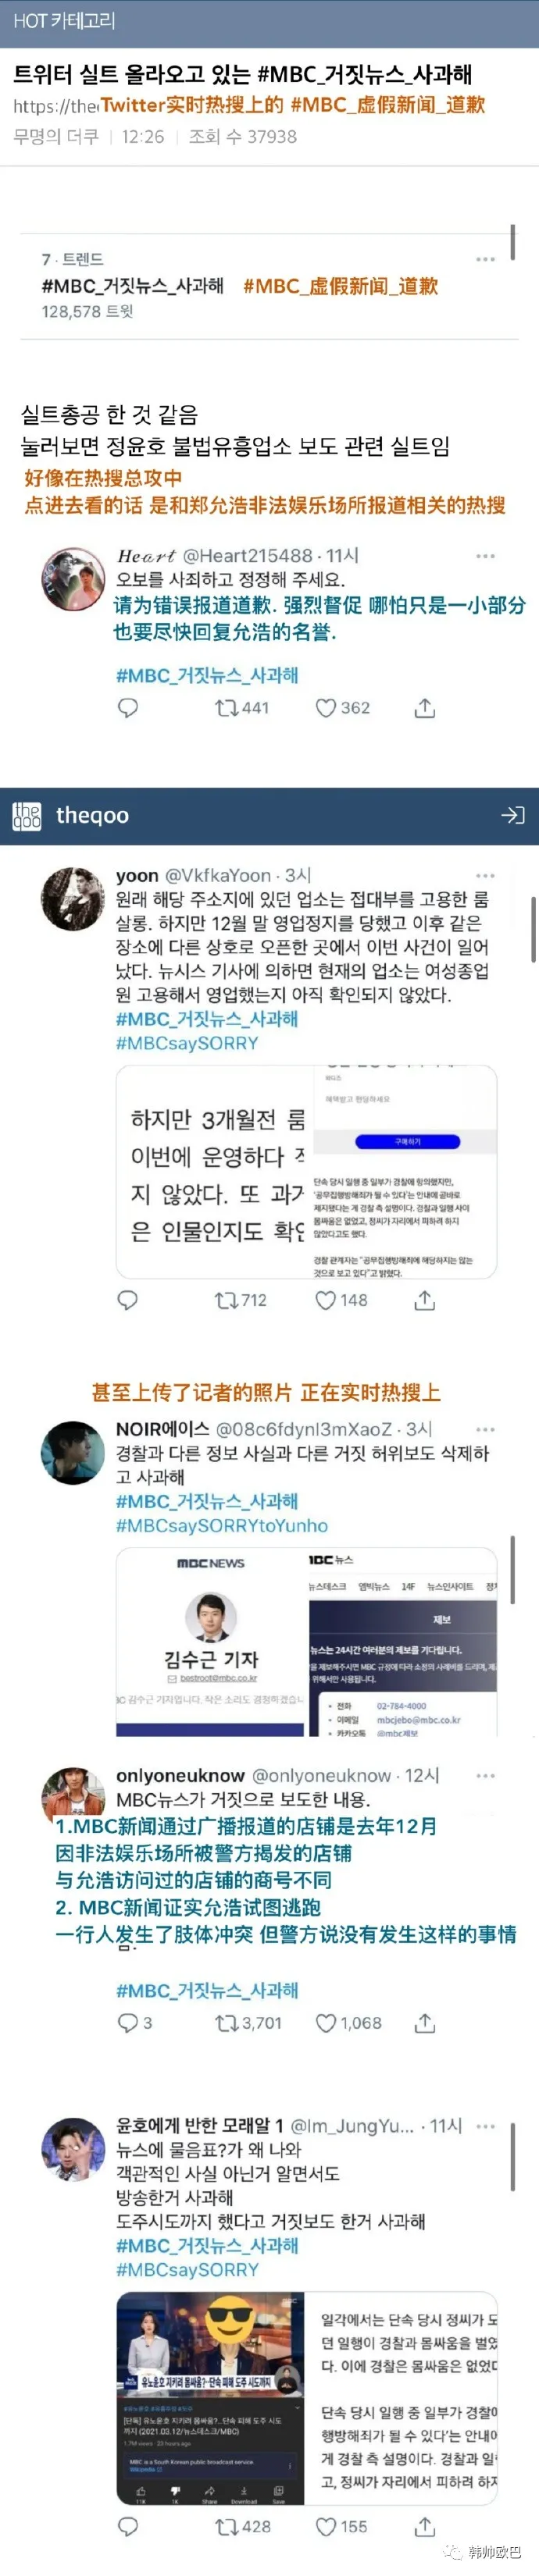 推特实时热搜上的MBC道歉,粉丝要求向这位男团爱豆道歉